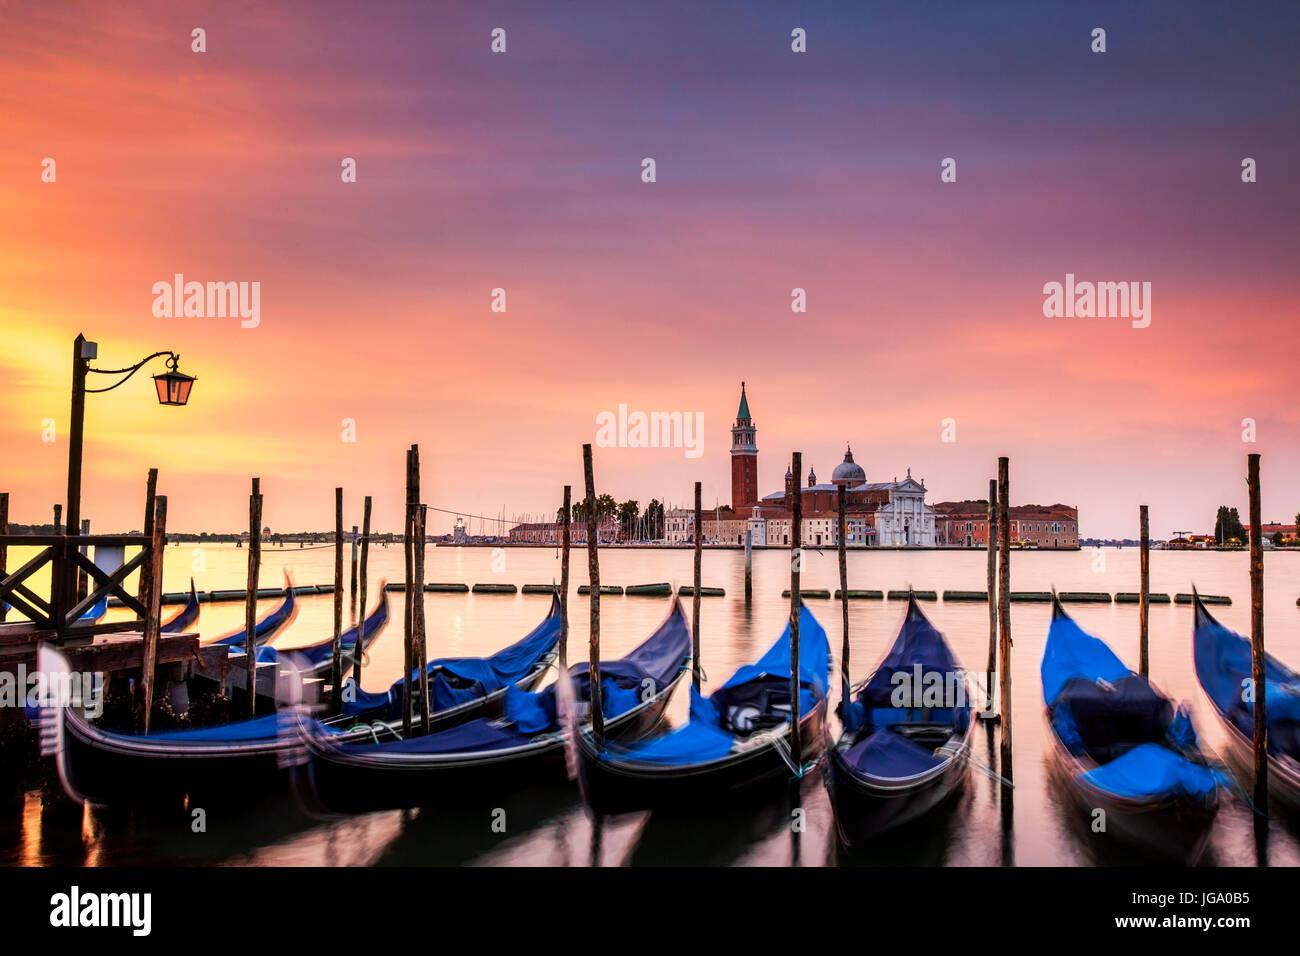 Über den Canal Grande in Venedig, Italien, Dawn. Die Insel San Giorgio ist im Hintergrund Stockbild